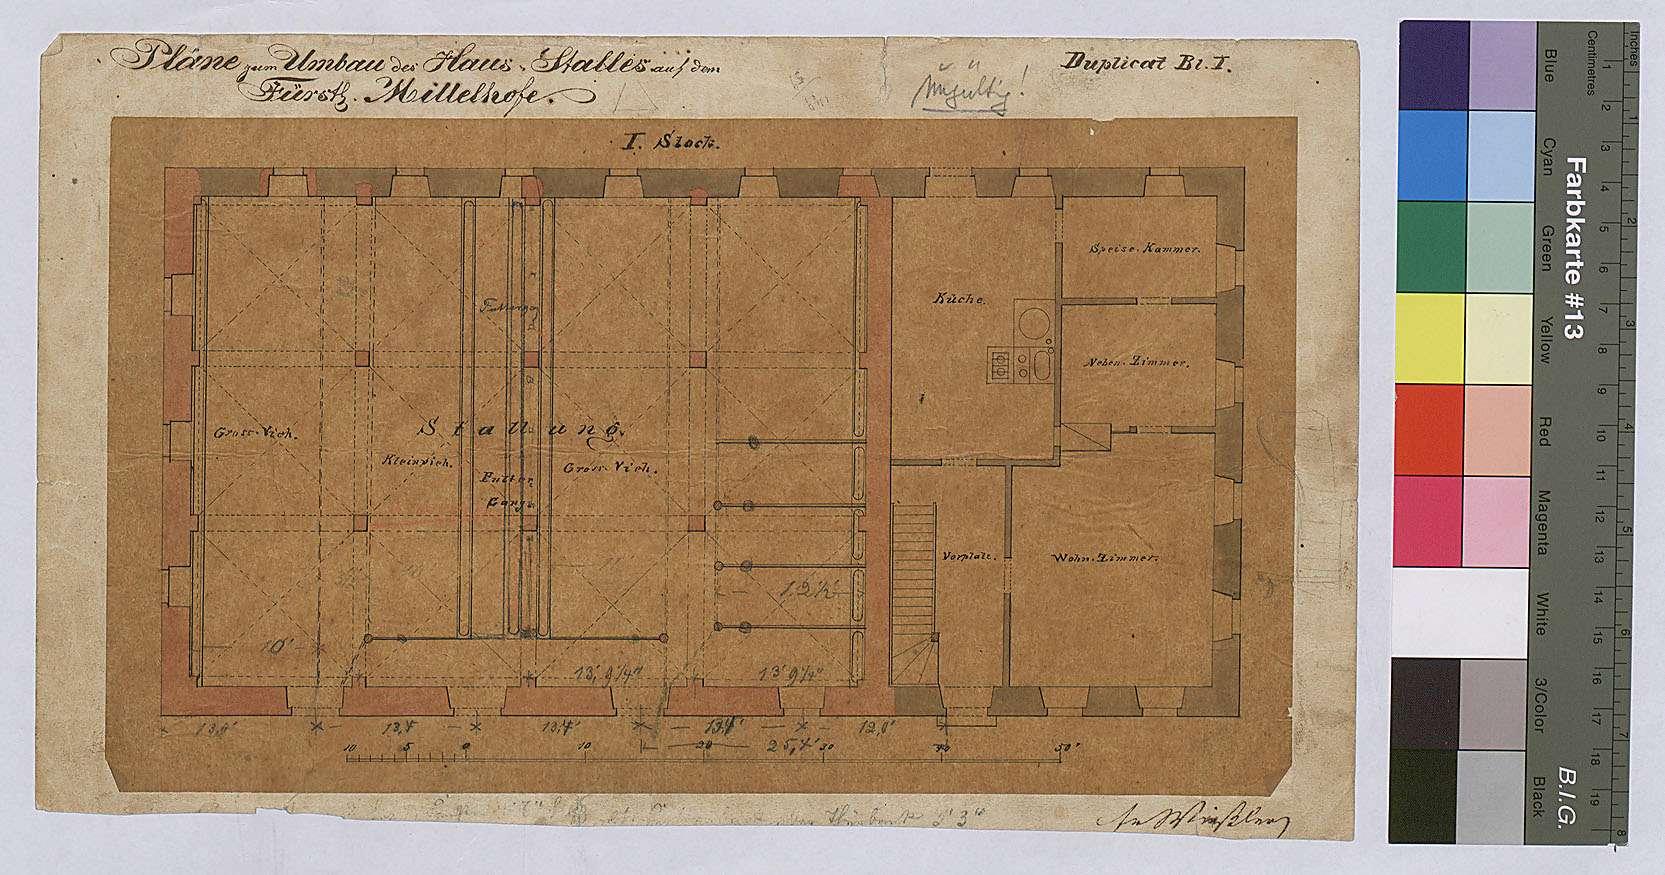 Mittelhof: Pläne zum Umbau des Hausstalls, Bild 1